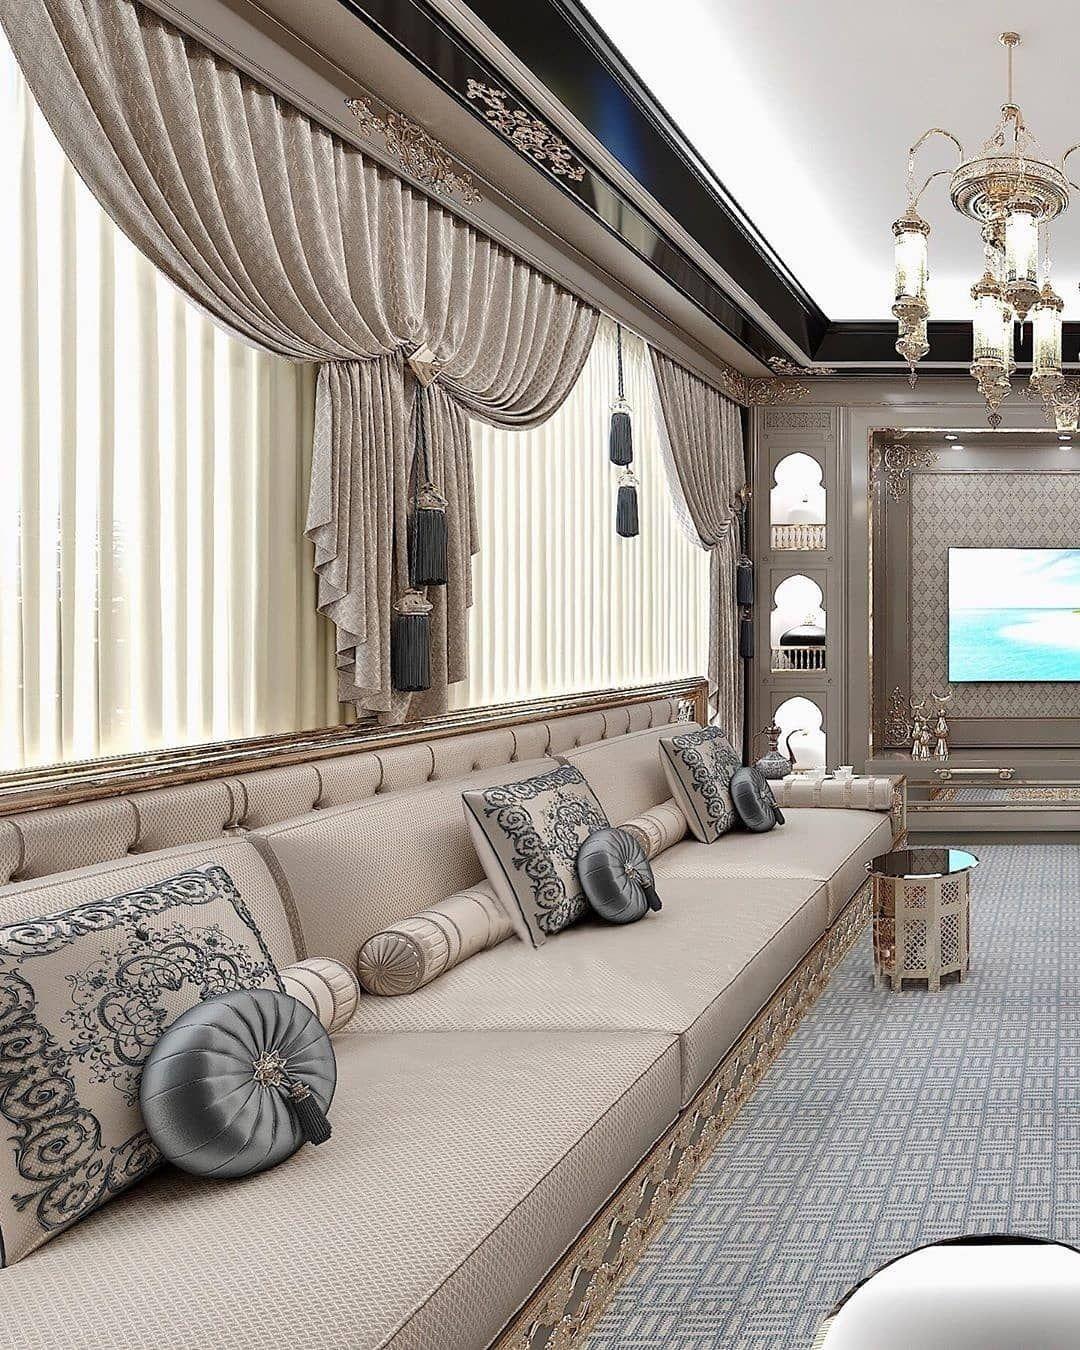 المجلس الخليجي للديكور On Instagram الرائدون في مجال الاثاث أحدث الموديلات وأرقى Decor Home Living Room Living Room Design Decor Living Room Decor Cozy